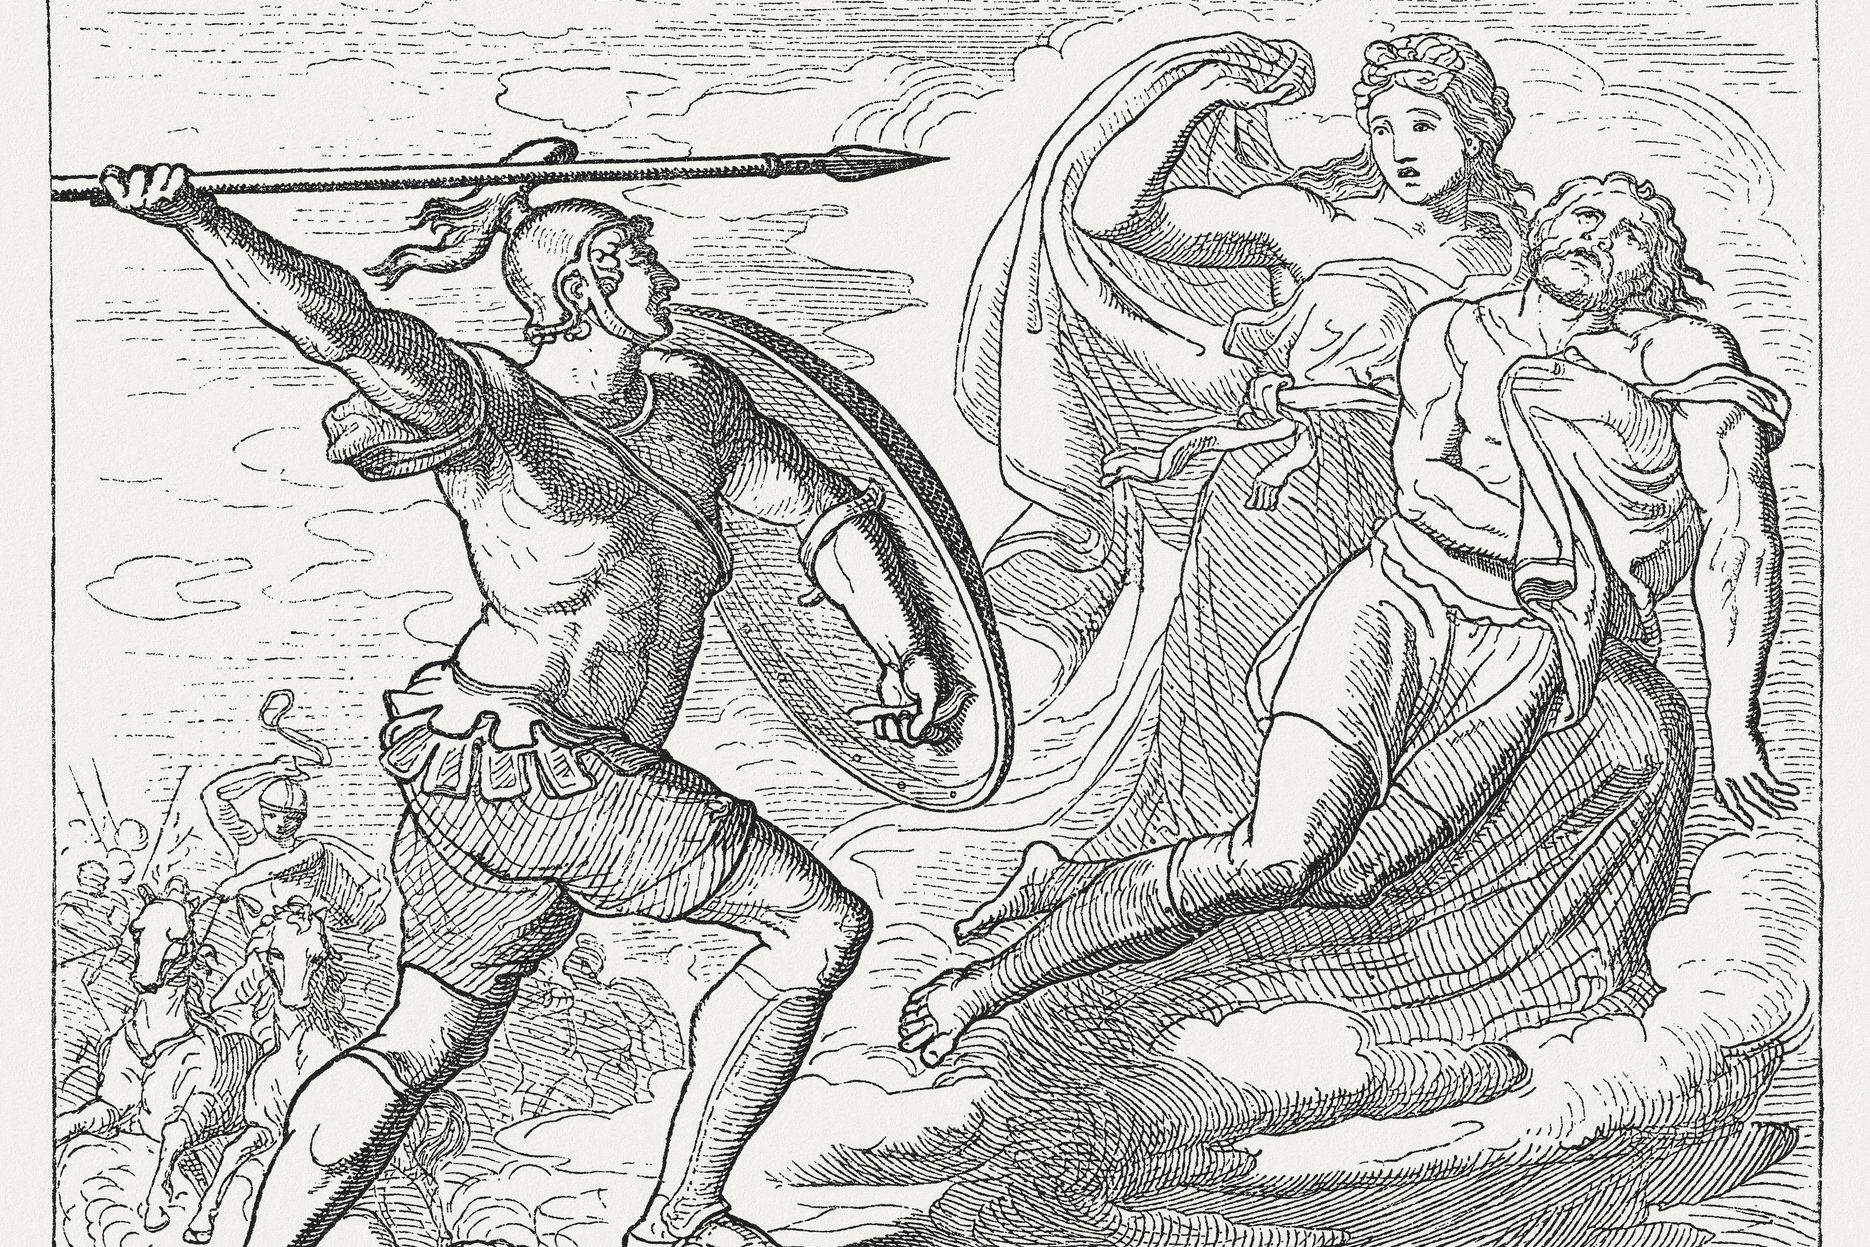 Aeneas von Aphrodite vor den mächtigen Diomedes gerettet